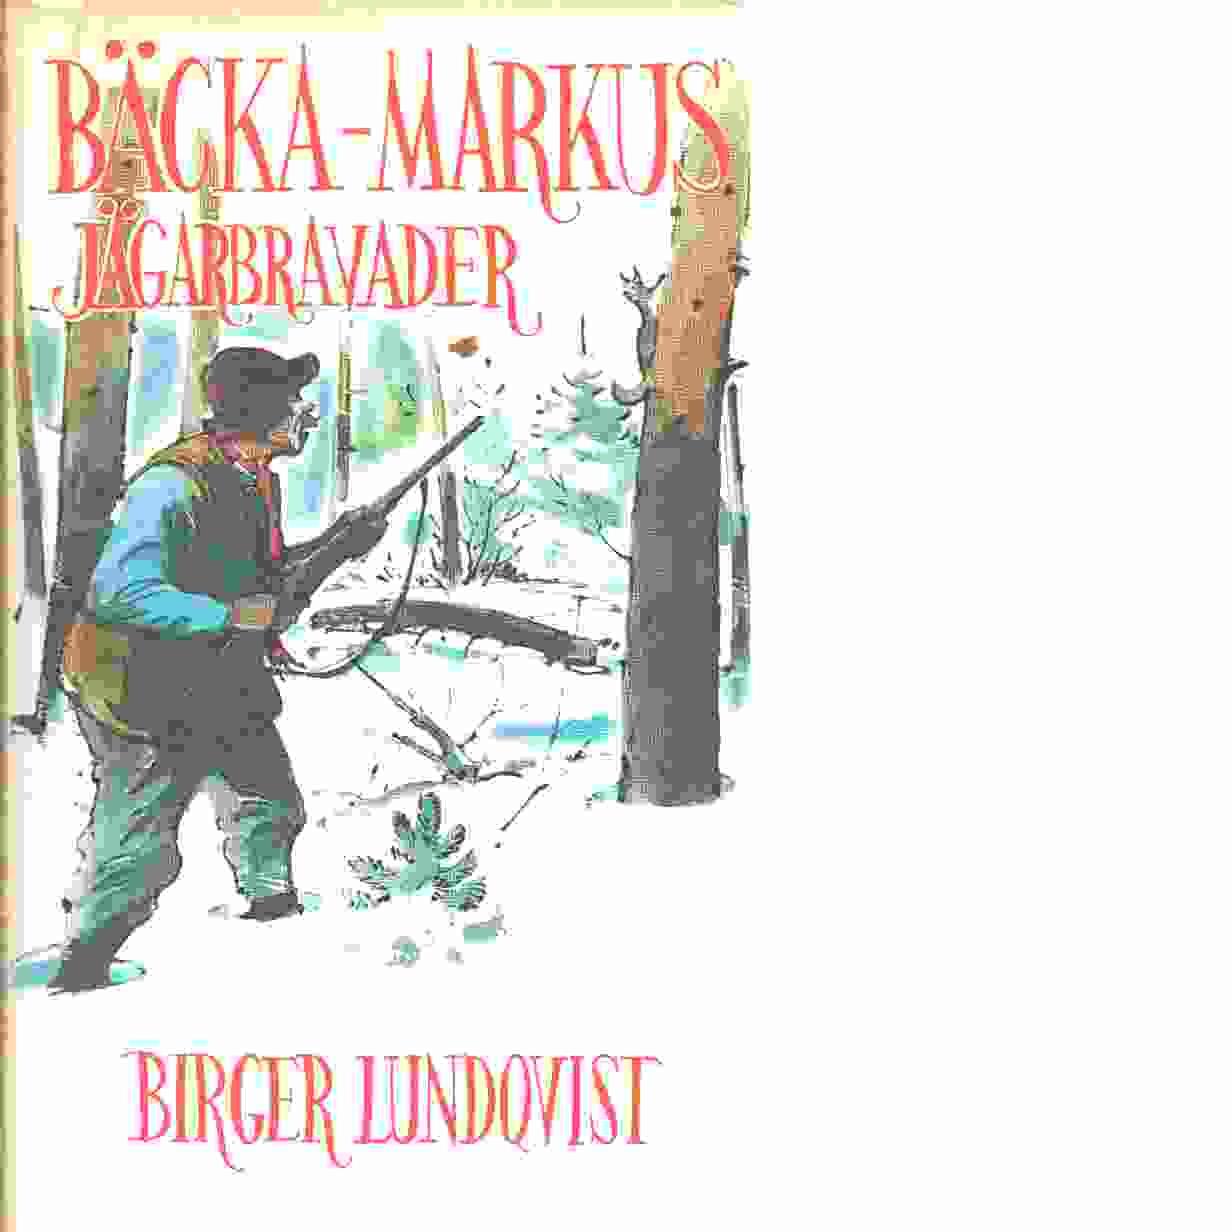 Bäcka-Markus jägarbravader : jakt-, fiske- och bygdehistorier - Lundqvist, Birger